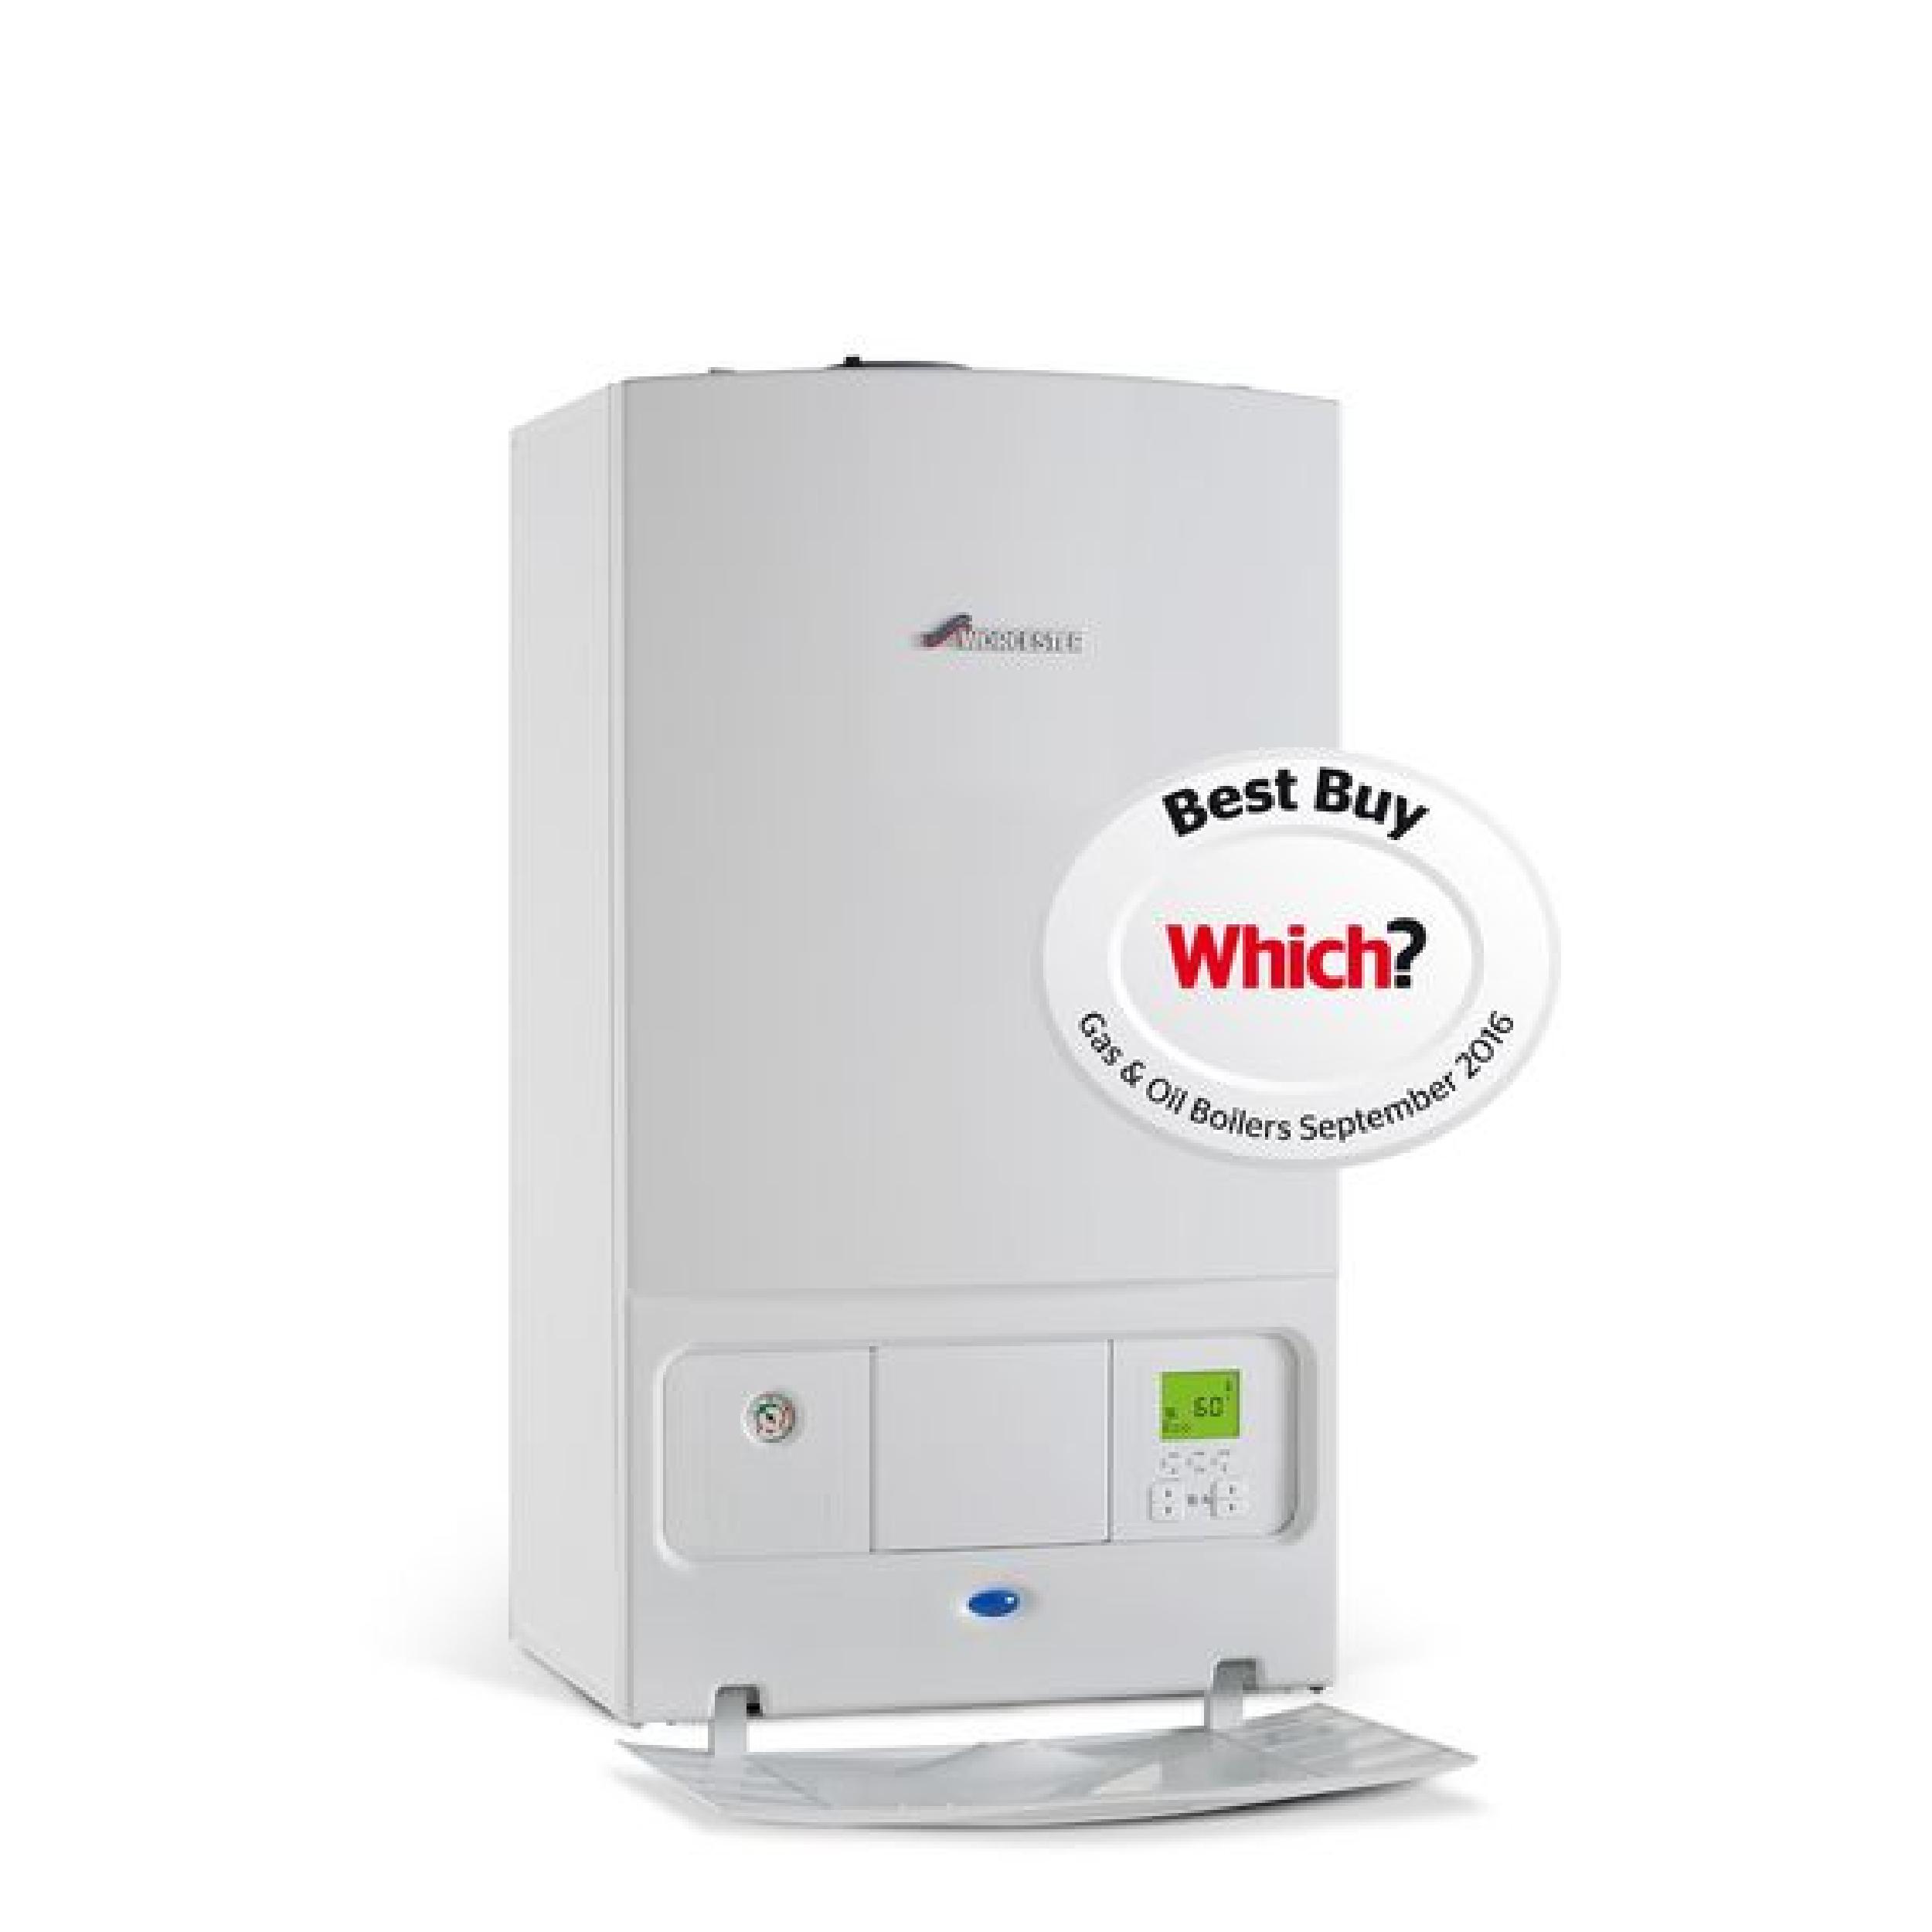 Lpg Gas Boiler Efficiency